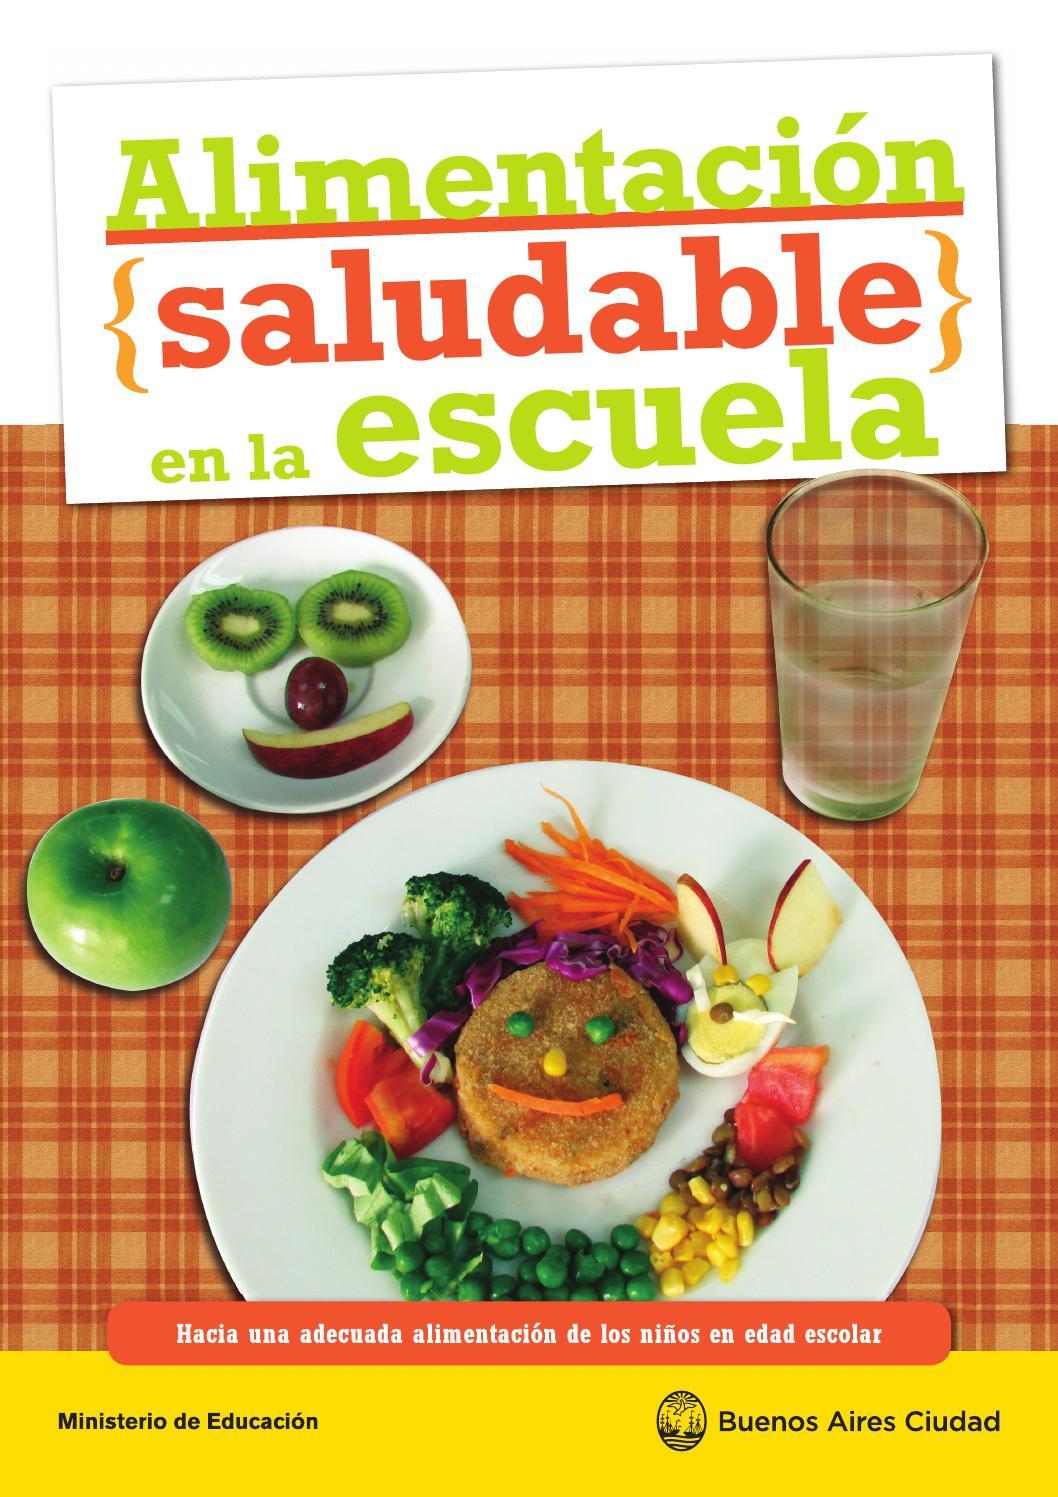 Alimentacion saludable guia by gabriela cancinos issuu for Sugerencias para hacer de comer